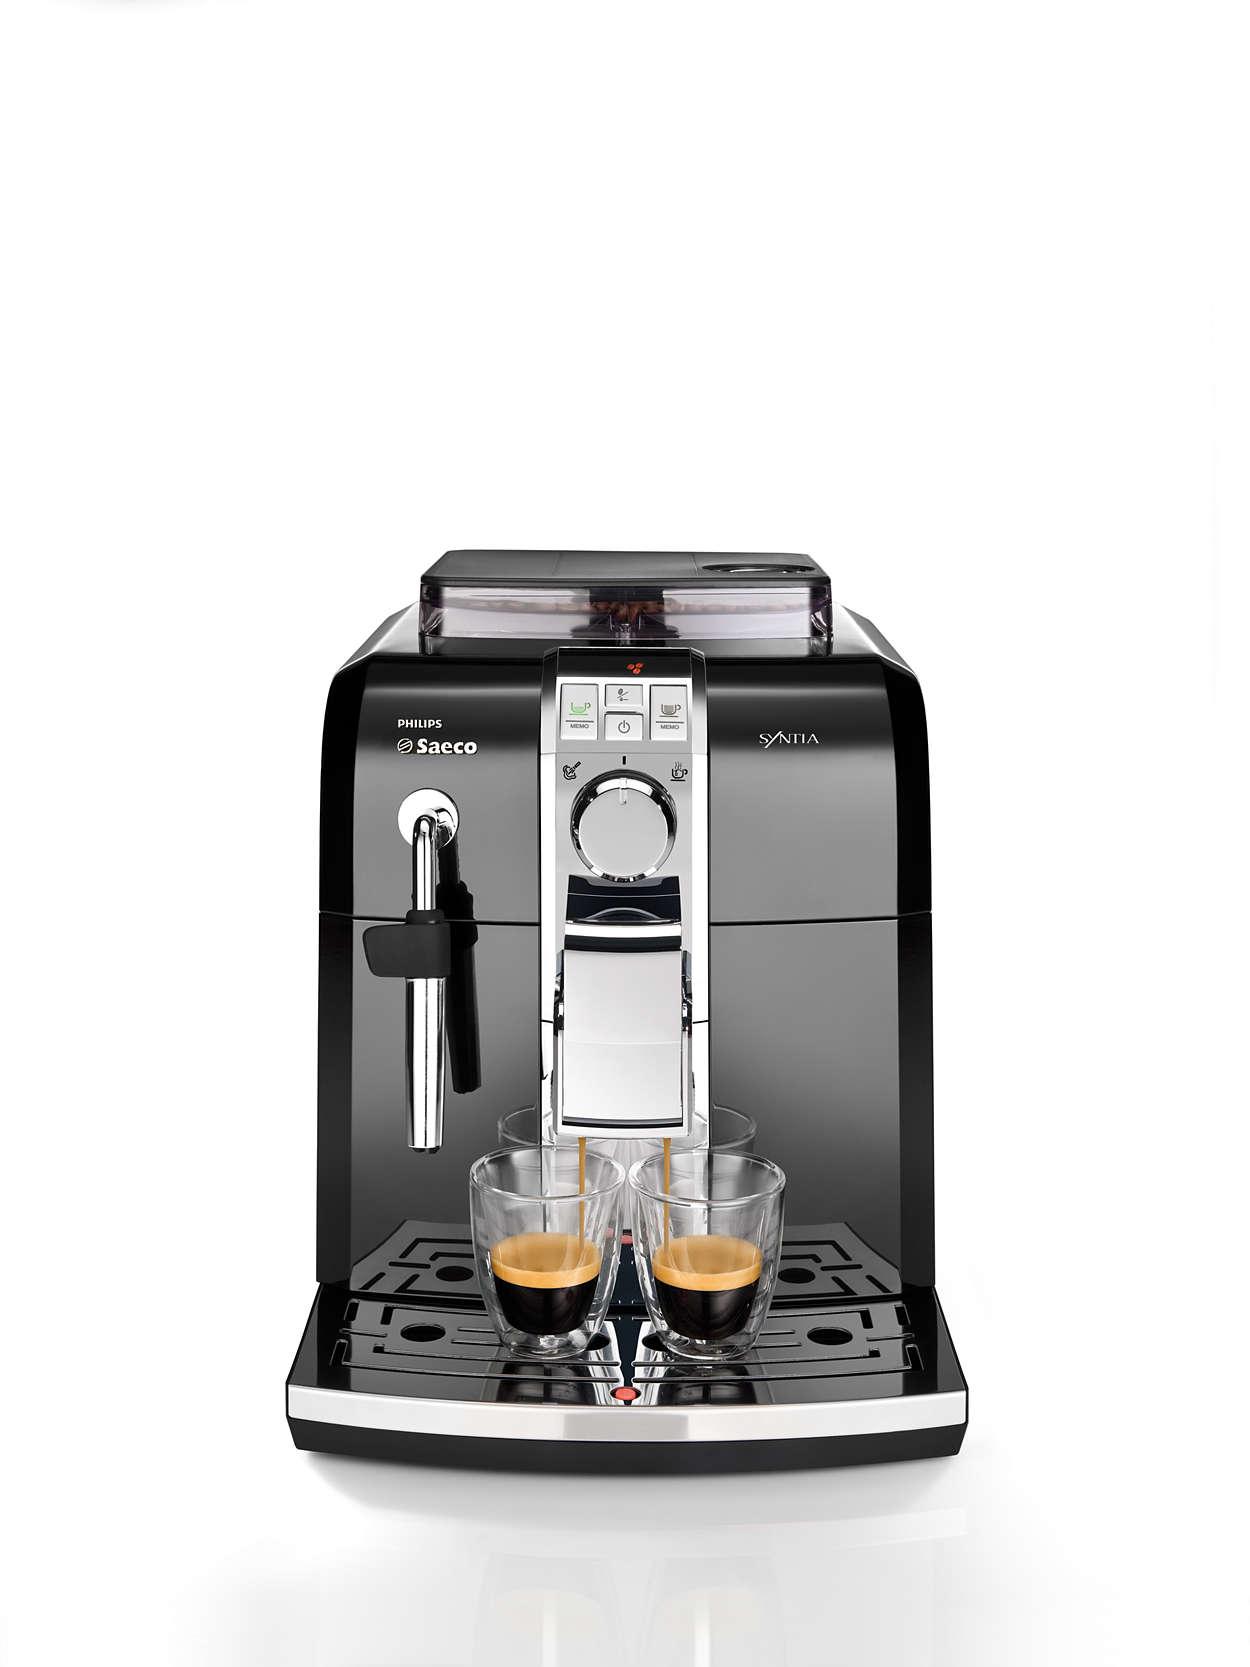 Upplev njutningen med italiensk espresso hemma